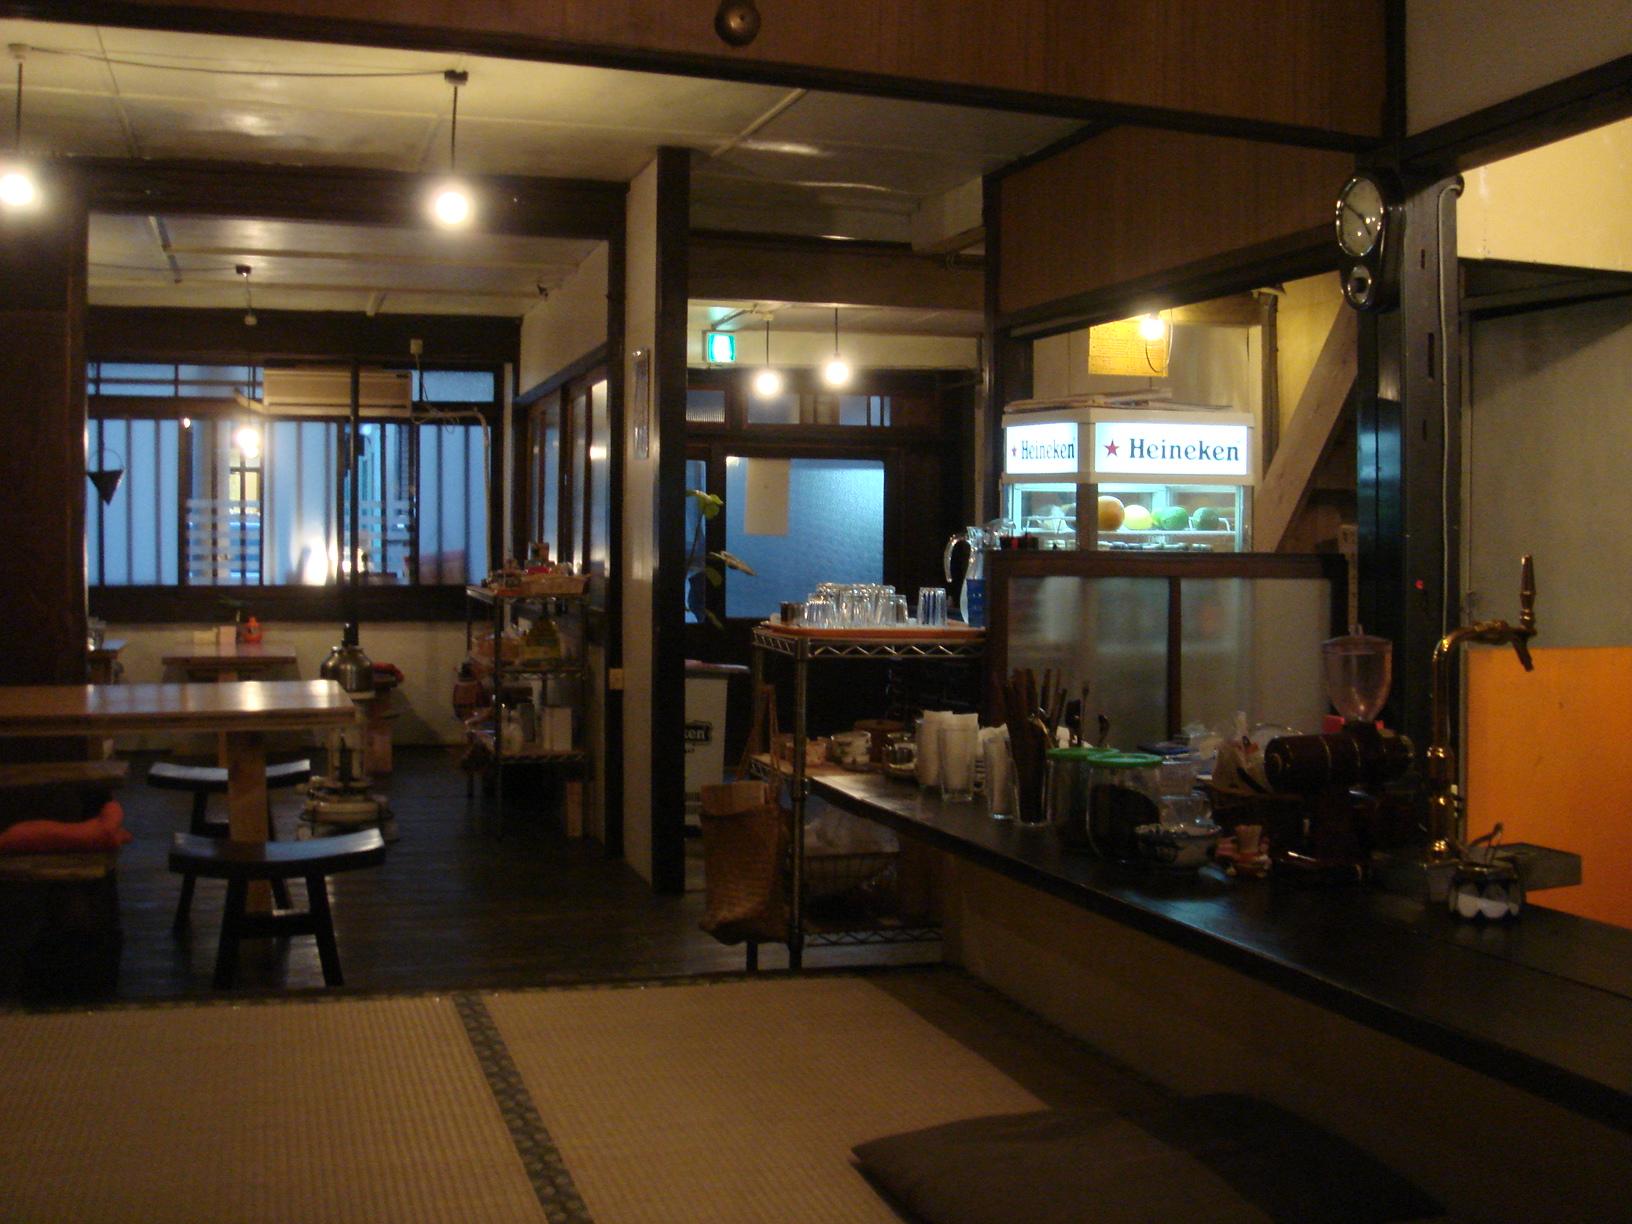 京都の町屋で一息!人気のカフェでおすすめランチ・ディナーを!